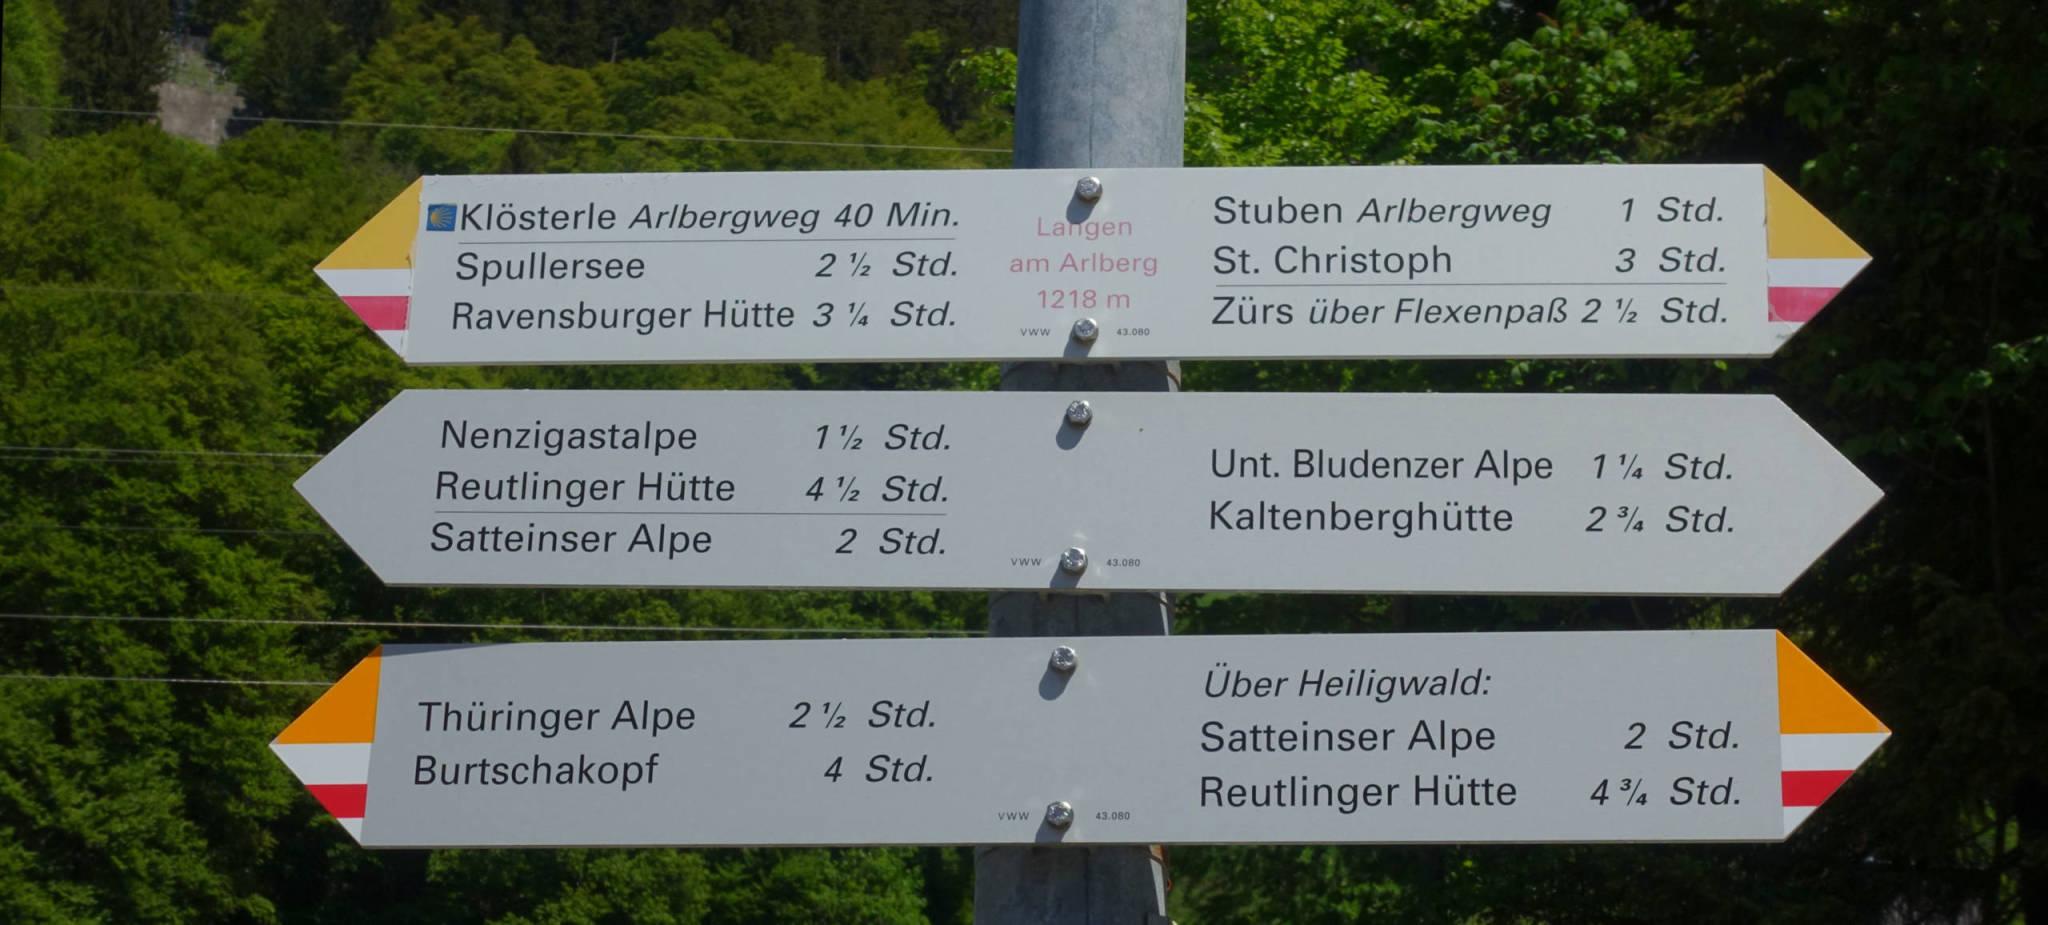 Von Langen folgen wir zuerst dem Weg Richtung Spullersee (Foto: Peter Backé)